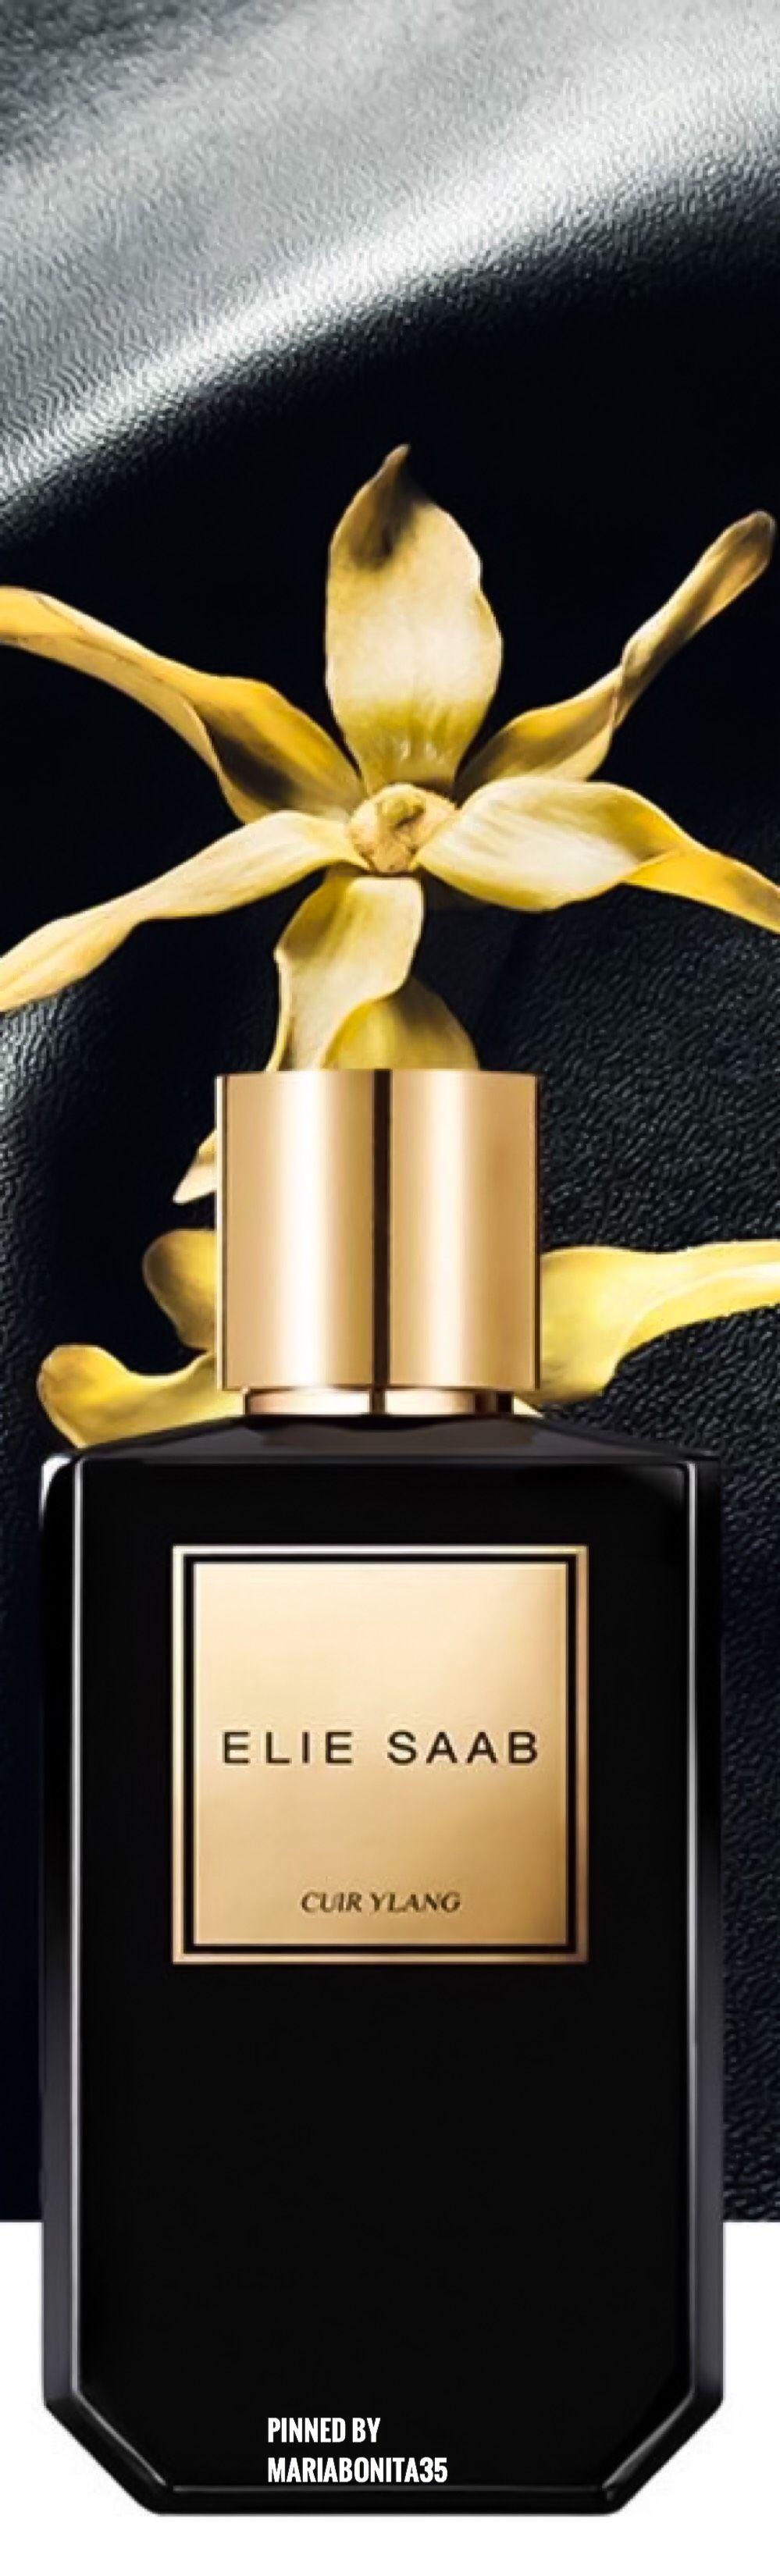 Elie Saab Frauen Parfum Parfumflakon Beste Parfum